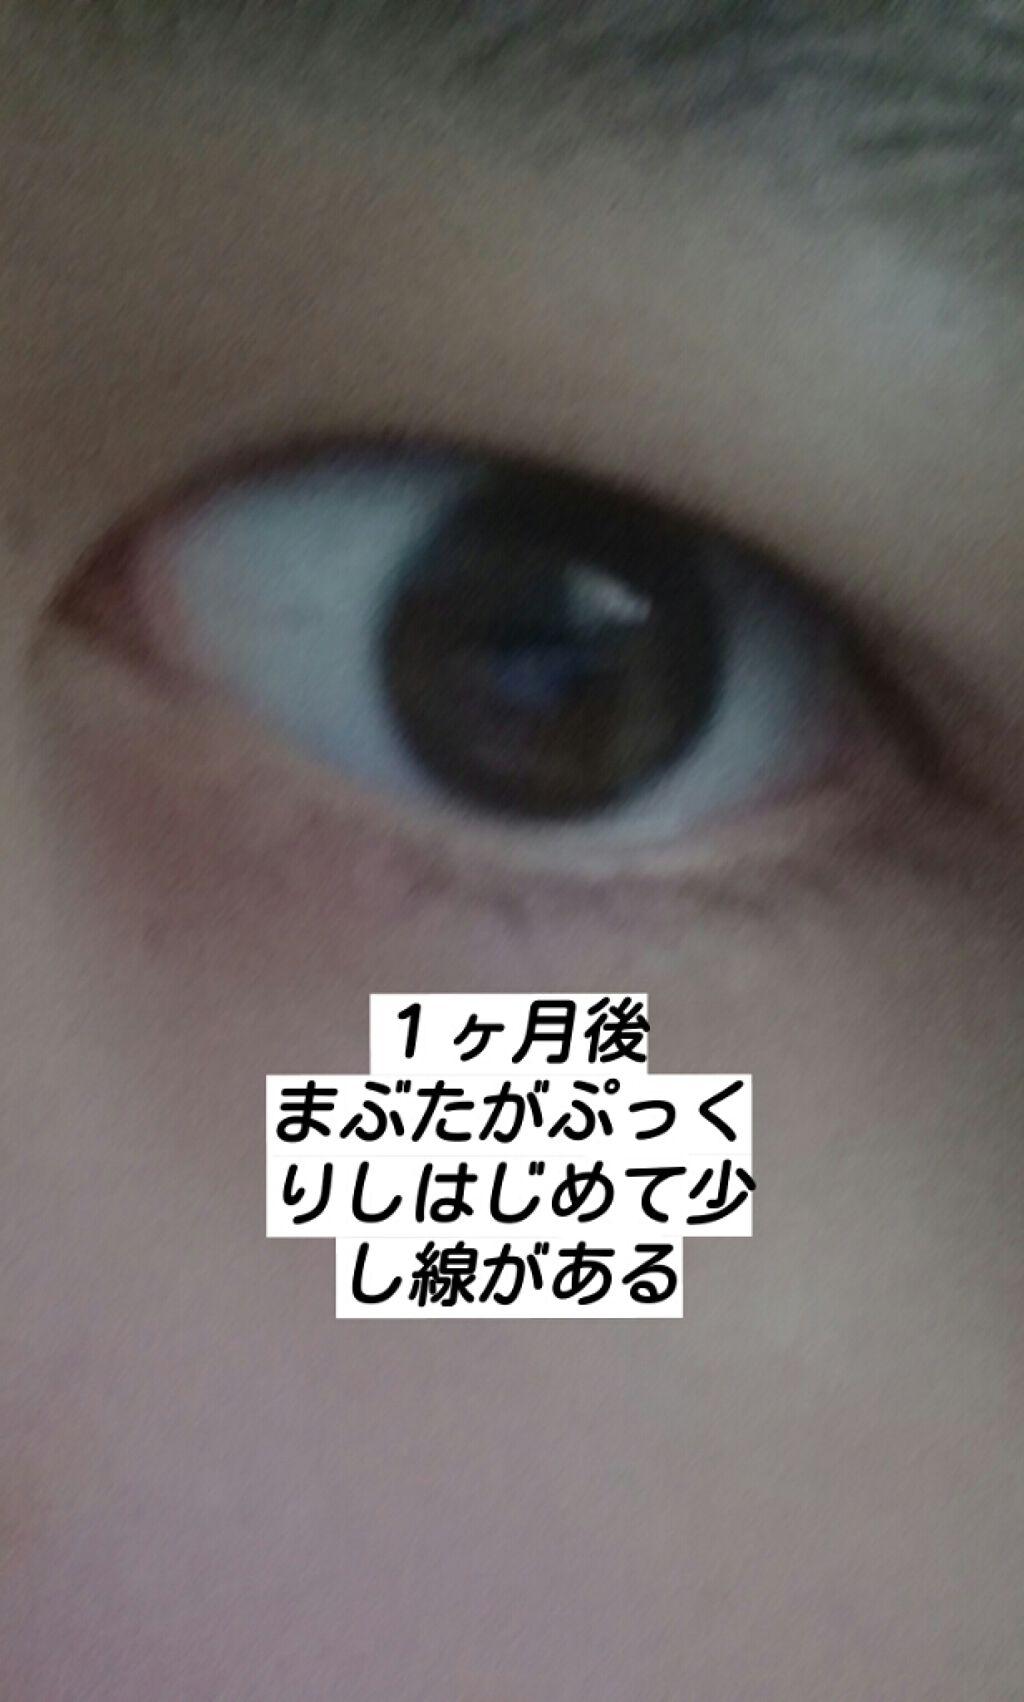 https://cdn.lipscosme.com/image/9b7f872f8515ac164e32288f-1588754985-thumb.png